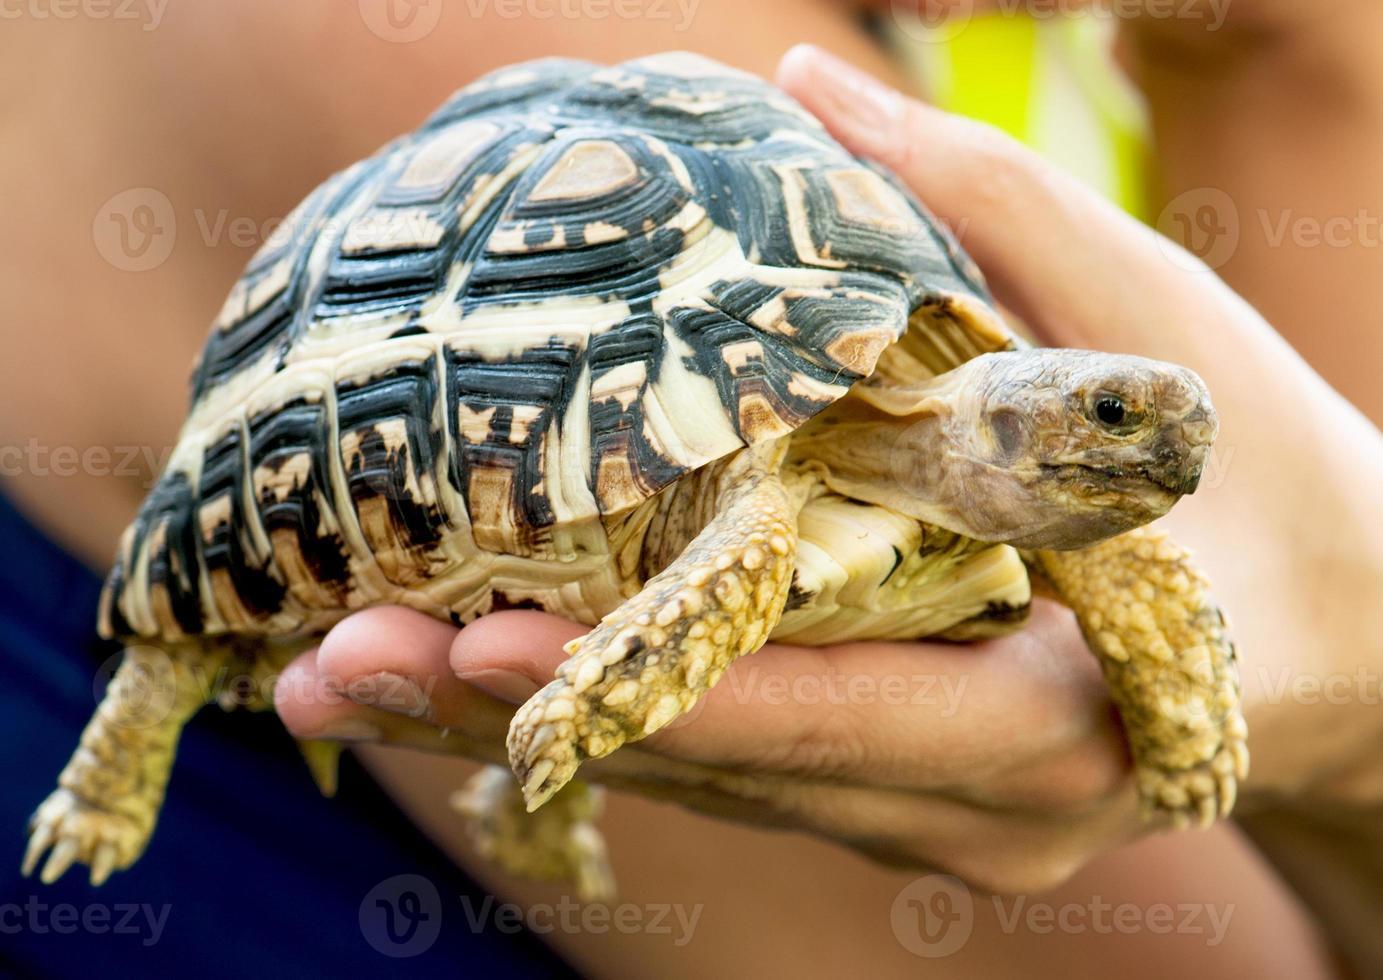 linda tartaruga na mão de uma mulher foto